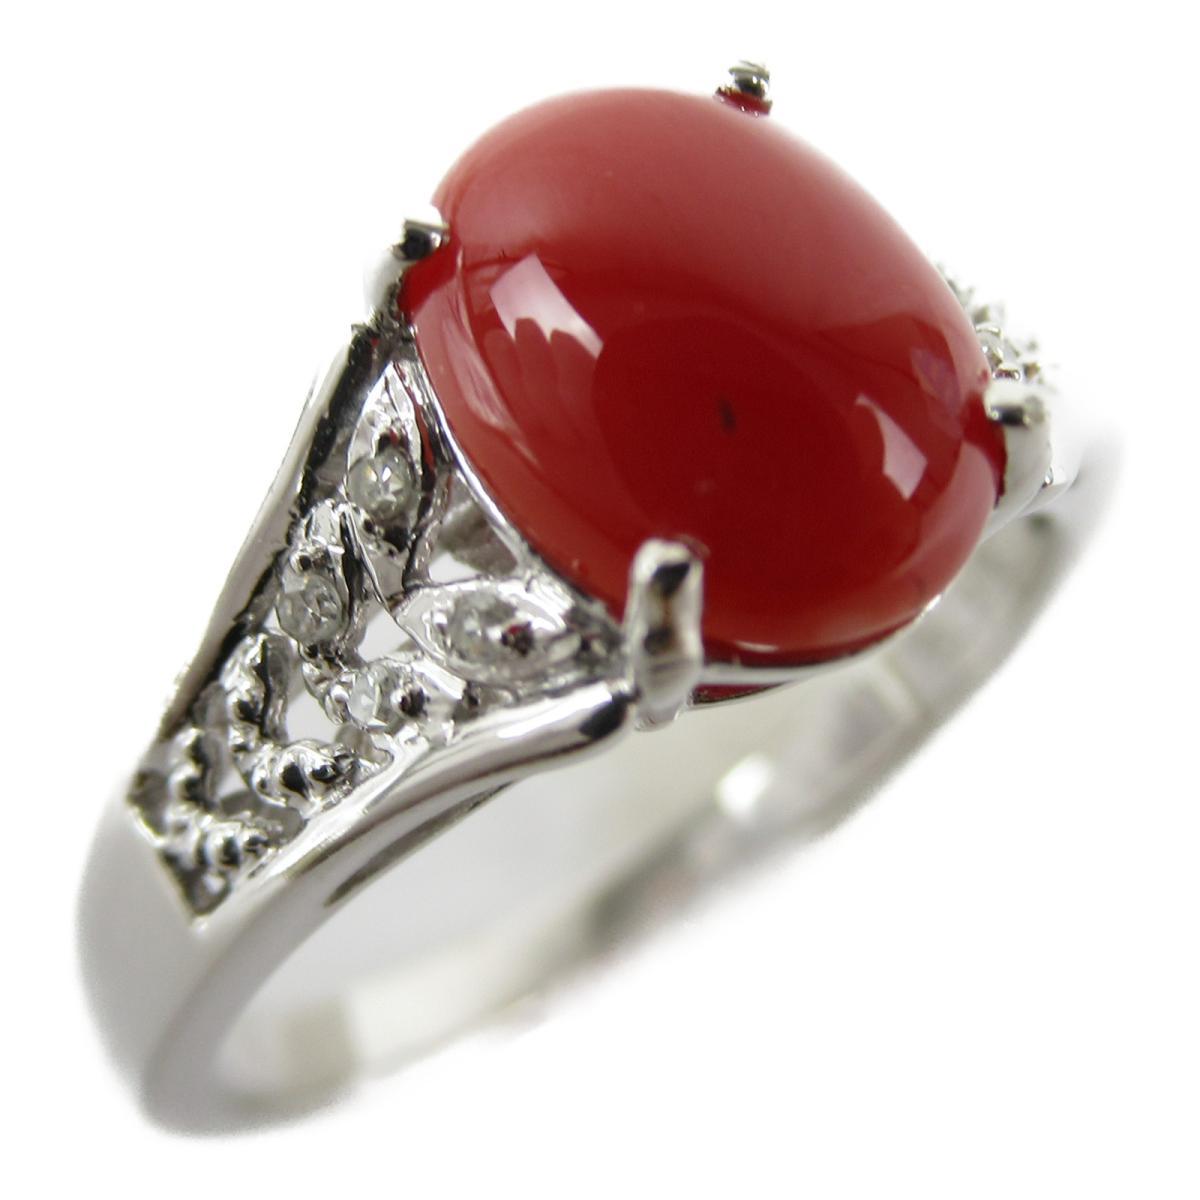 ジュエリー サンゴ ダイヤモンド リング 指輪 ノーブランドジュエリー レディース K18WG (750) ホワイトゴールド x (石目なし) 【中古】 | JEWELRY BRANDOFF ブランドオフ アクセサリー